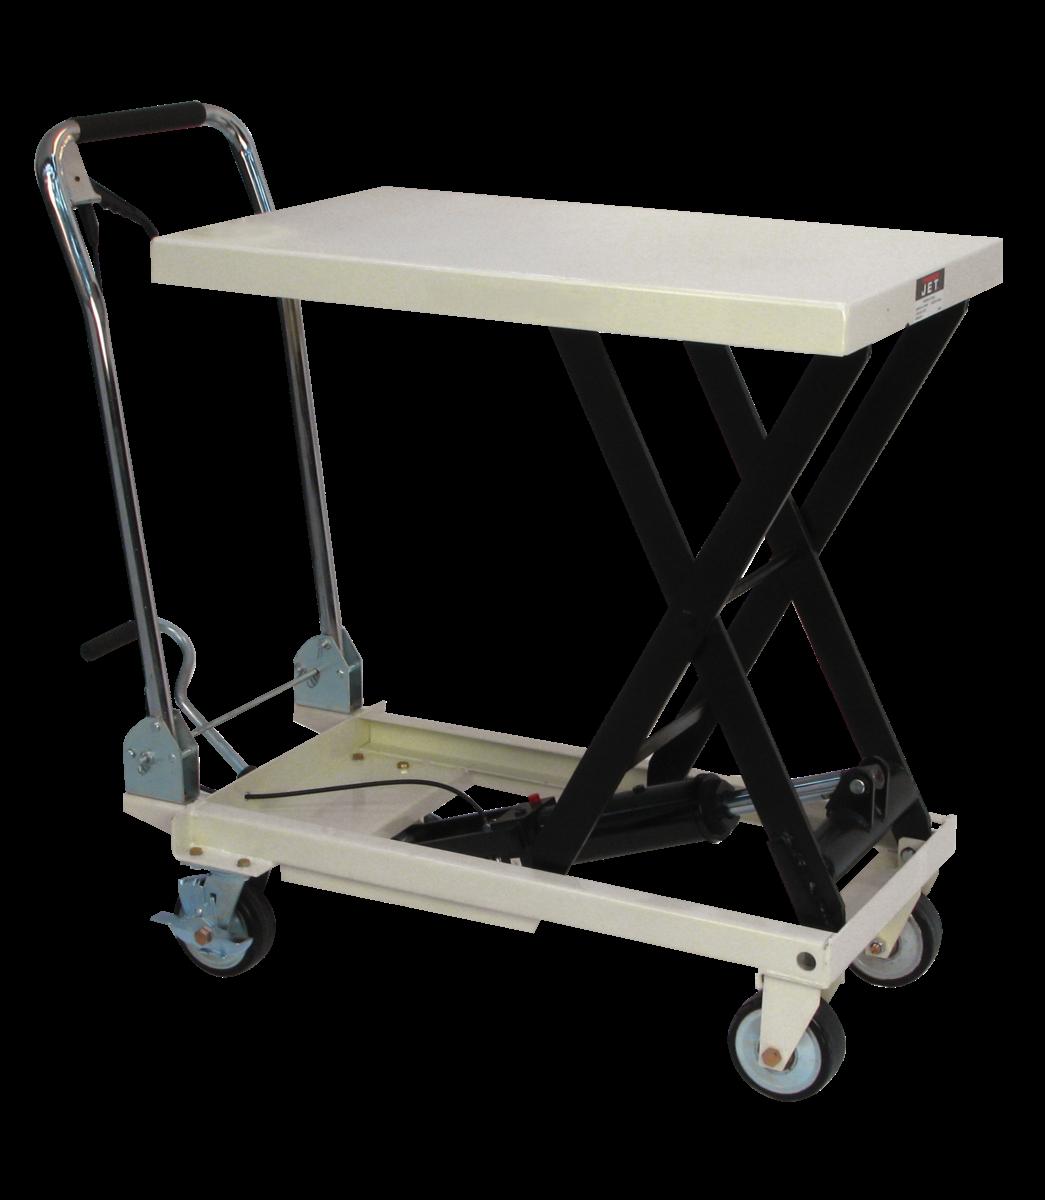 SLT Series Scissor Lift Tables